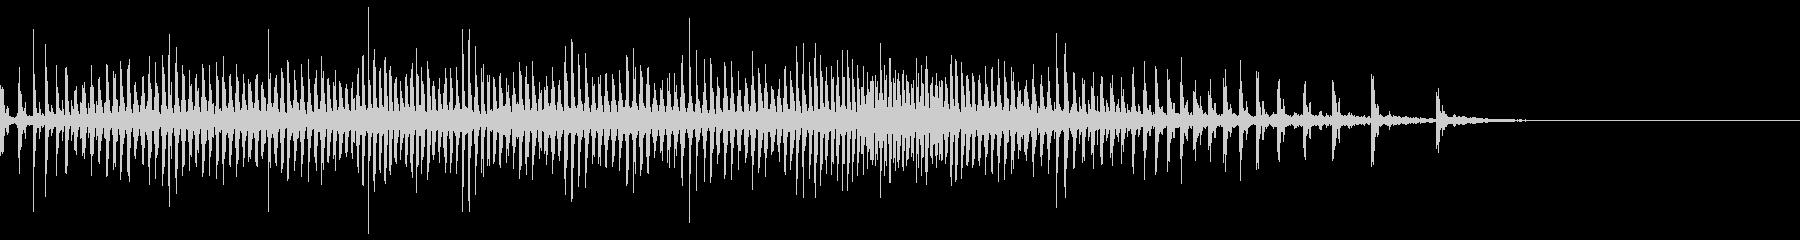 [生録音]魚釣り、リールを巻く04の未再生の波形